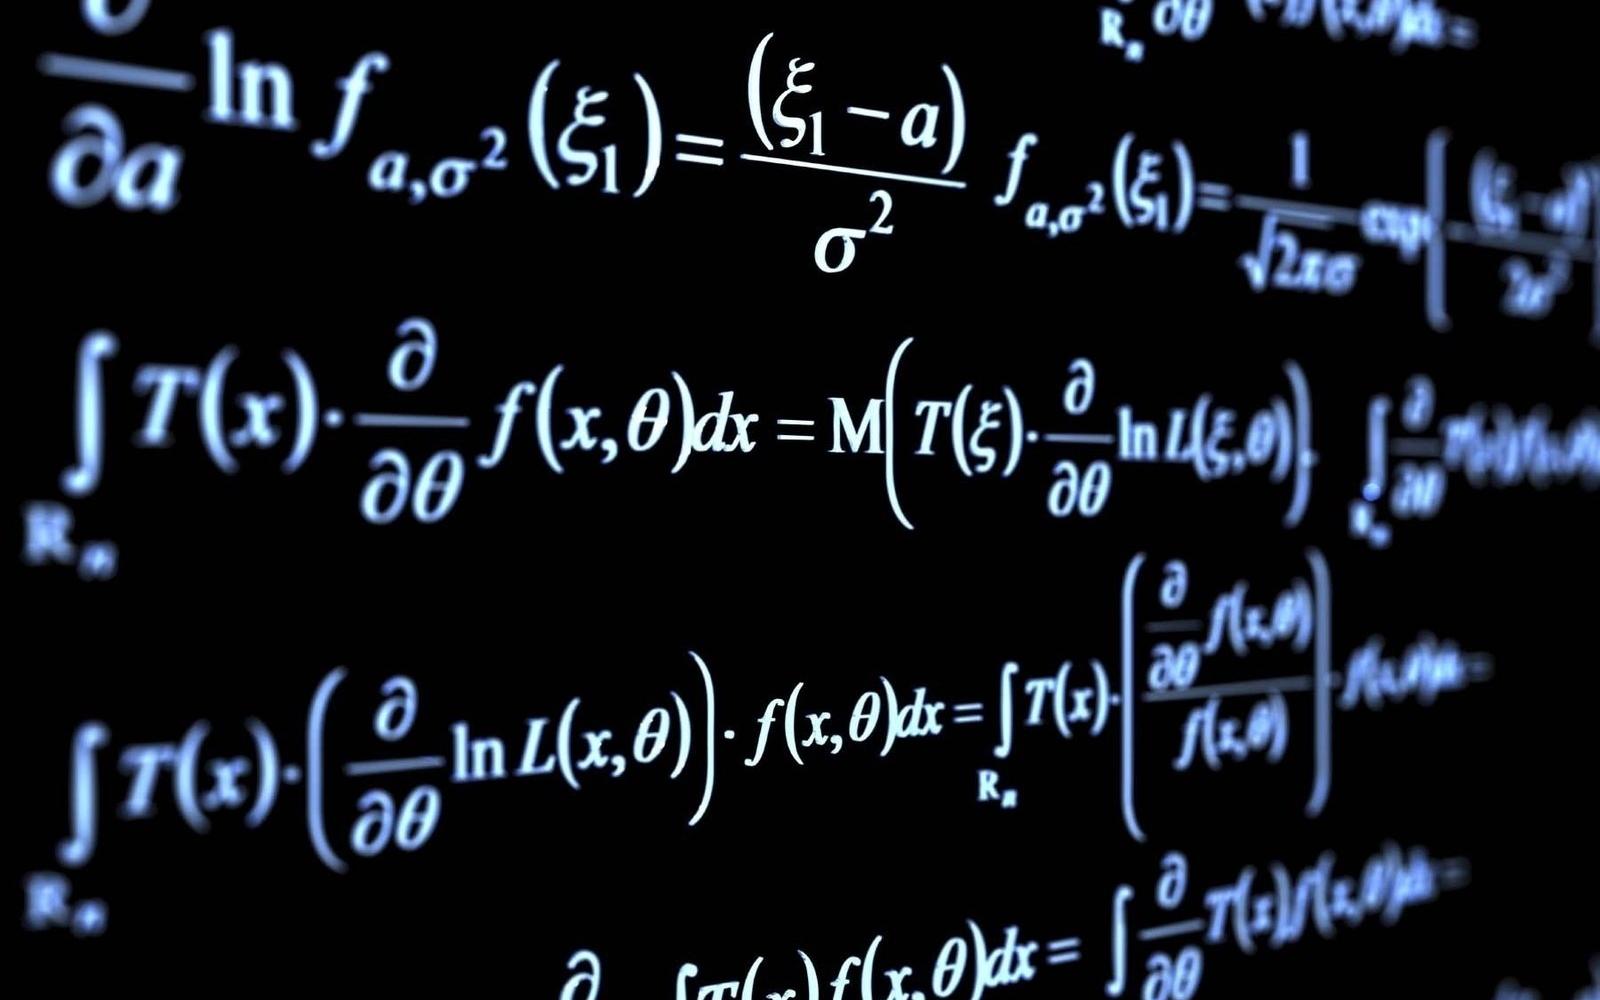 matematica_finanziaria_economia_aziedale_1535099679.png